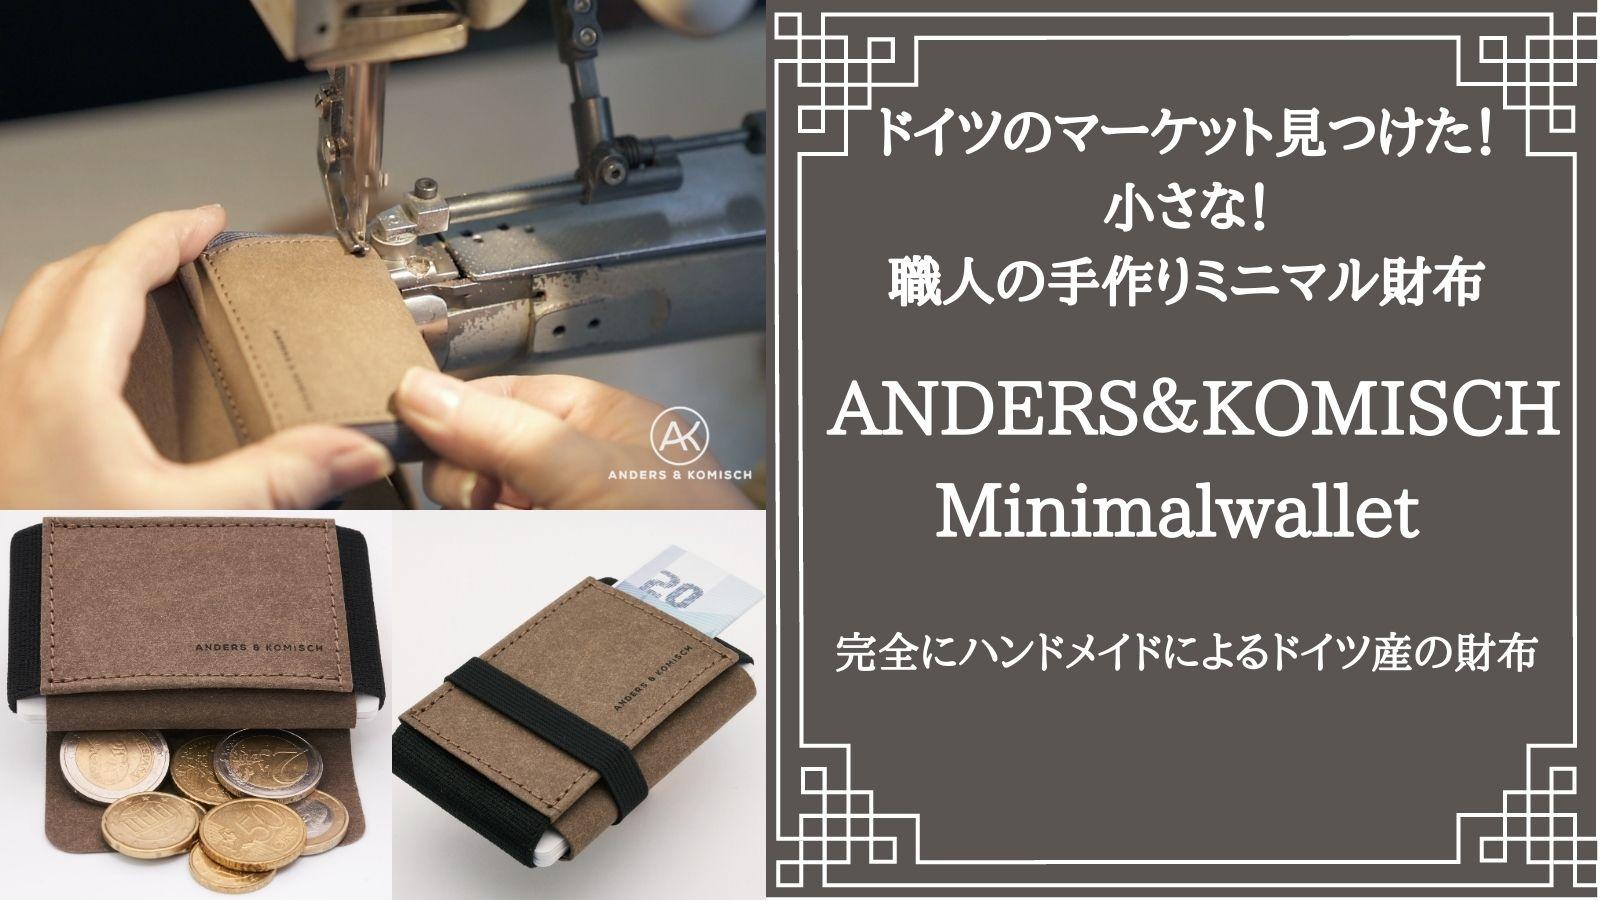 ドイツのマーケットで出会った小さな財布に一目惚れ。ANDERS&KOMISCH.